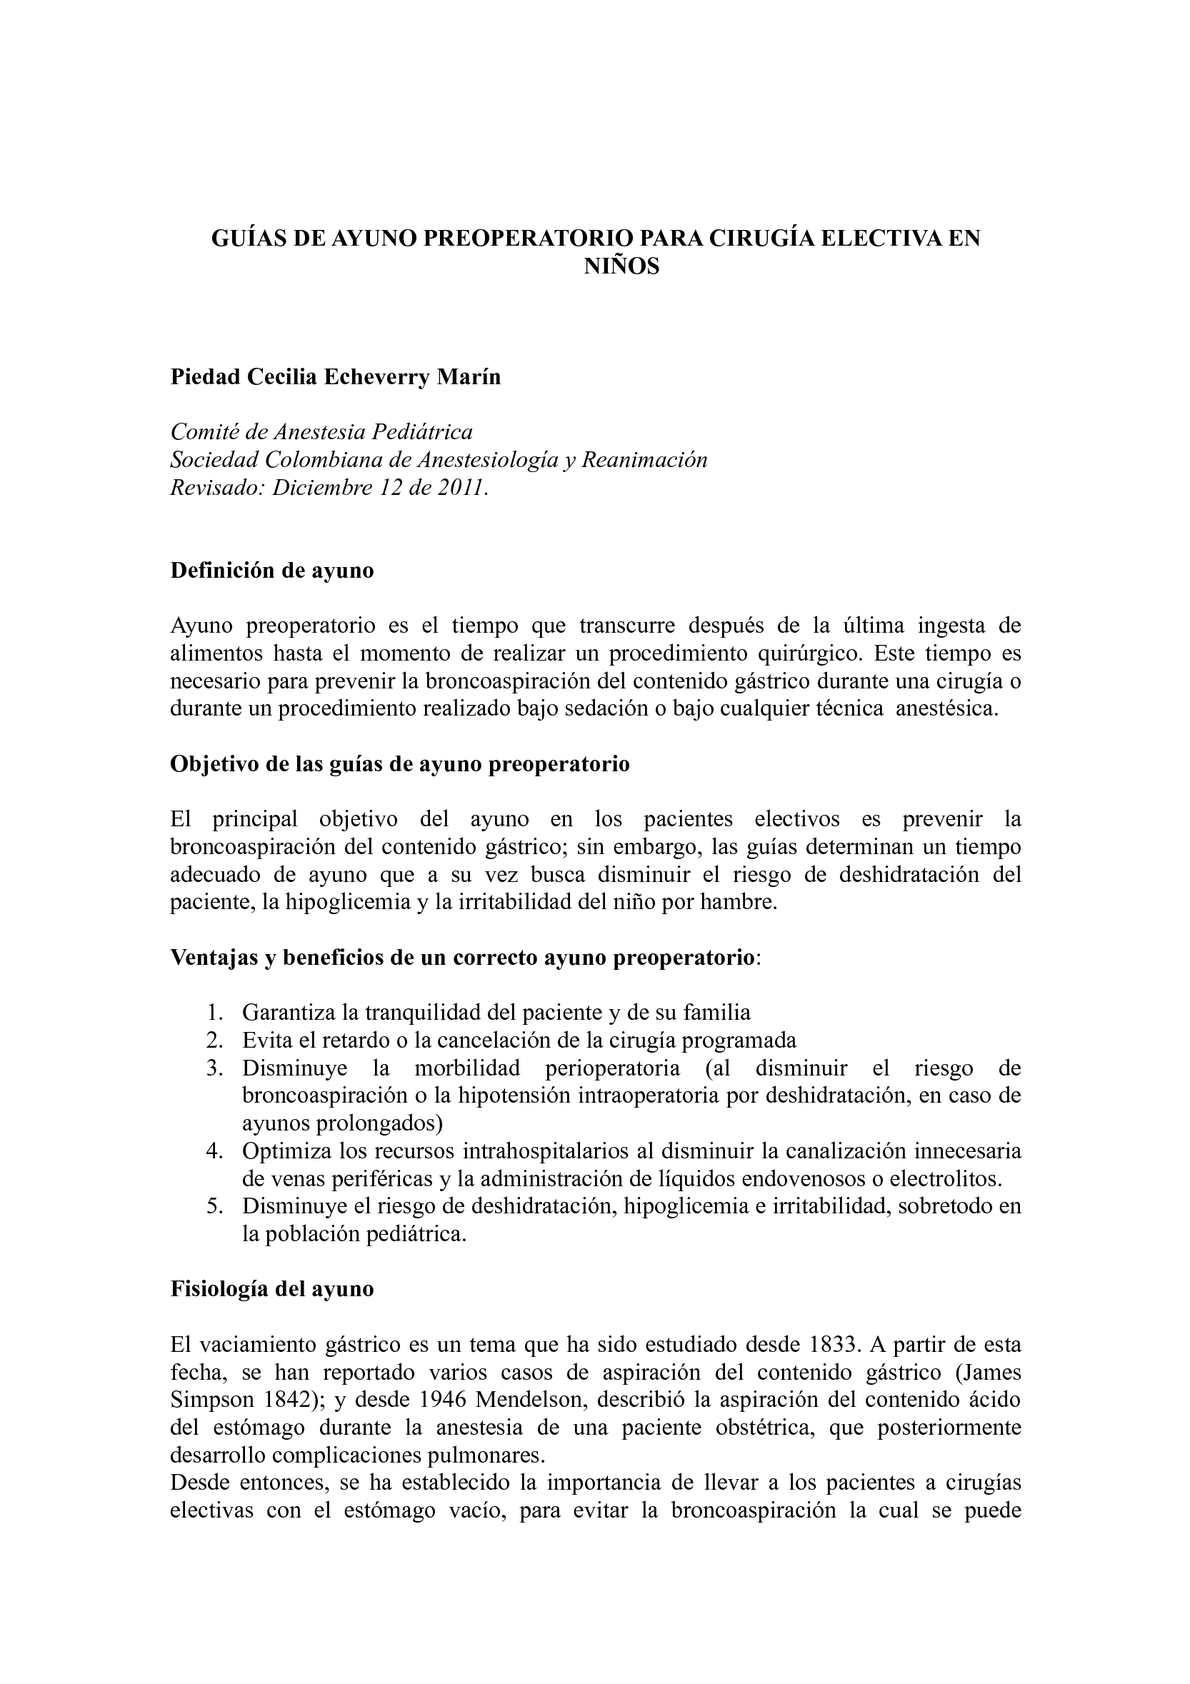 Calaméo - GUIAS DE AYUNO PREOPERATORIO PARA CIRUGÍA ELECTIVA